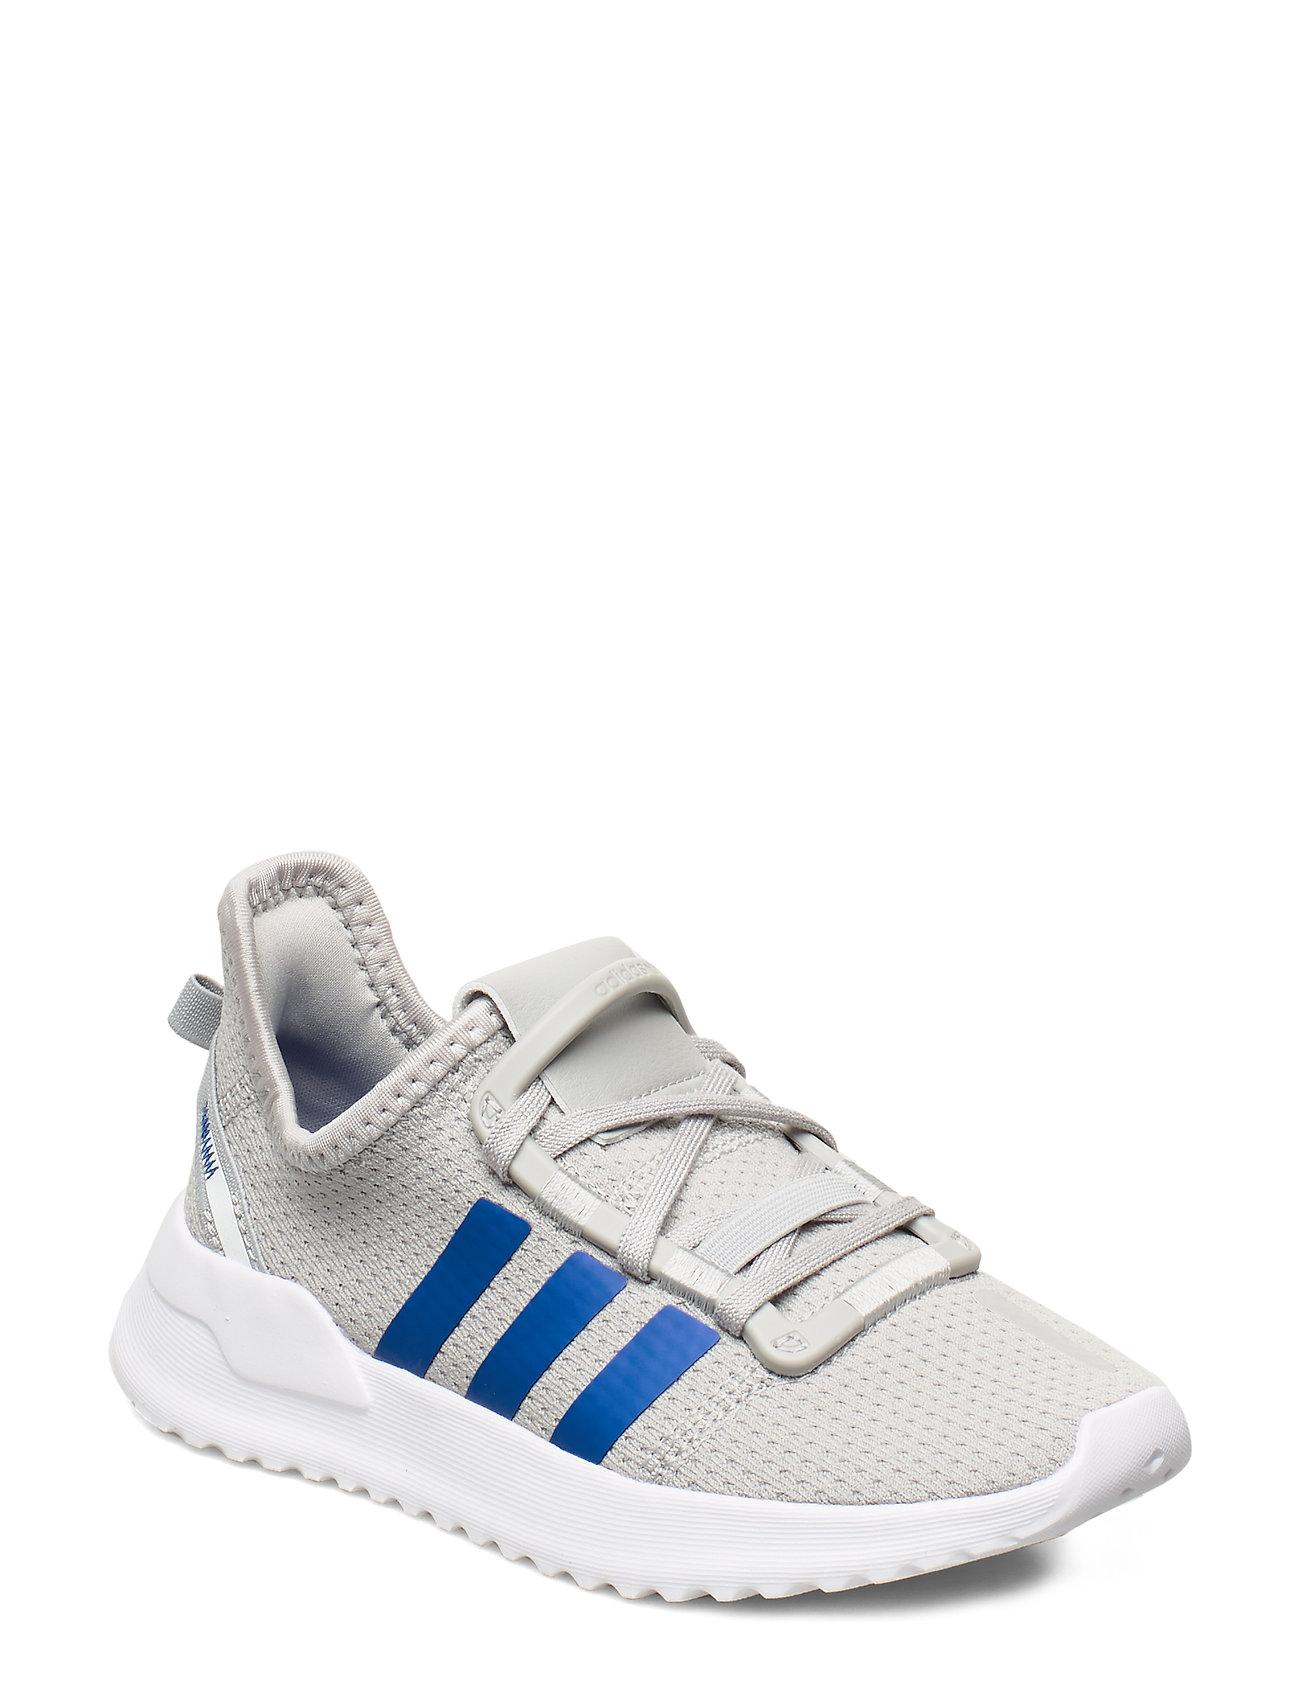 adidas Originals U_PATH RUN C - GRETWO/BLUE/FTWWHT